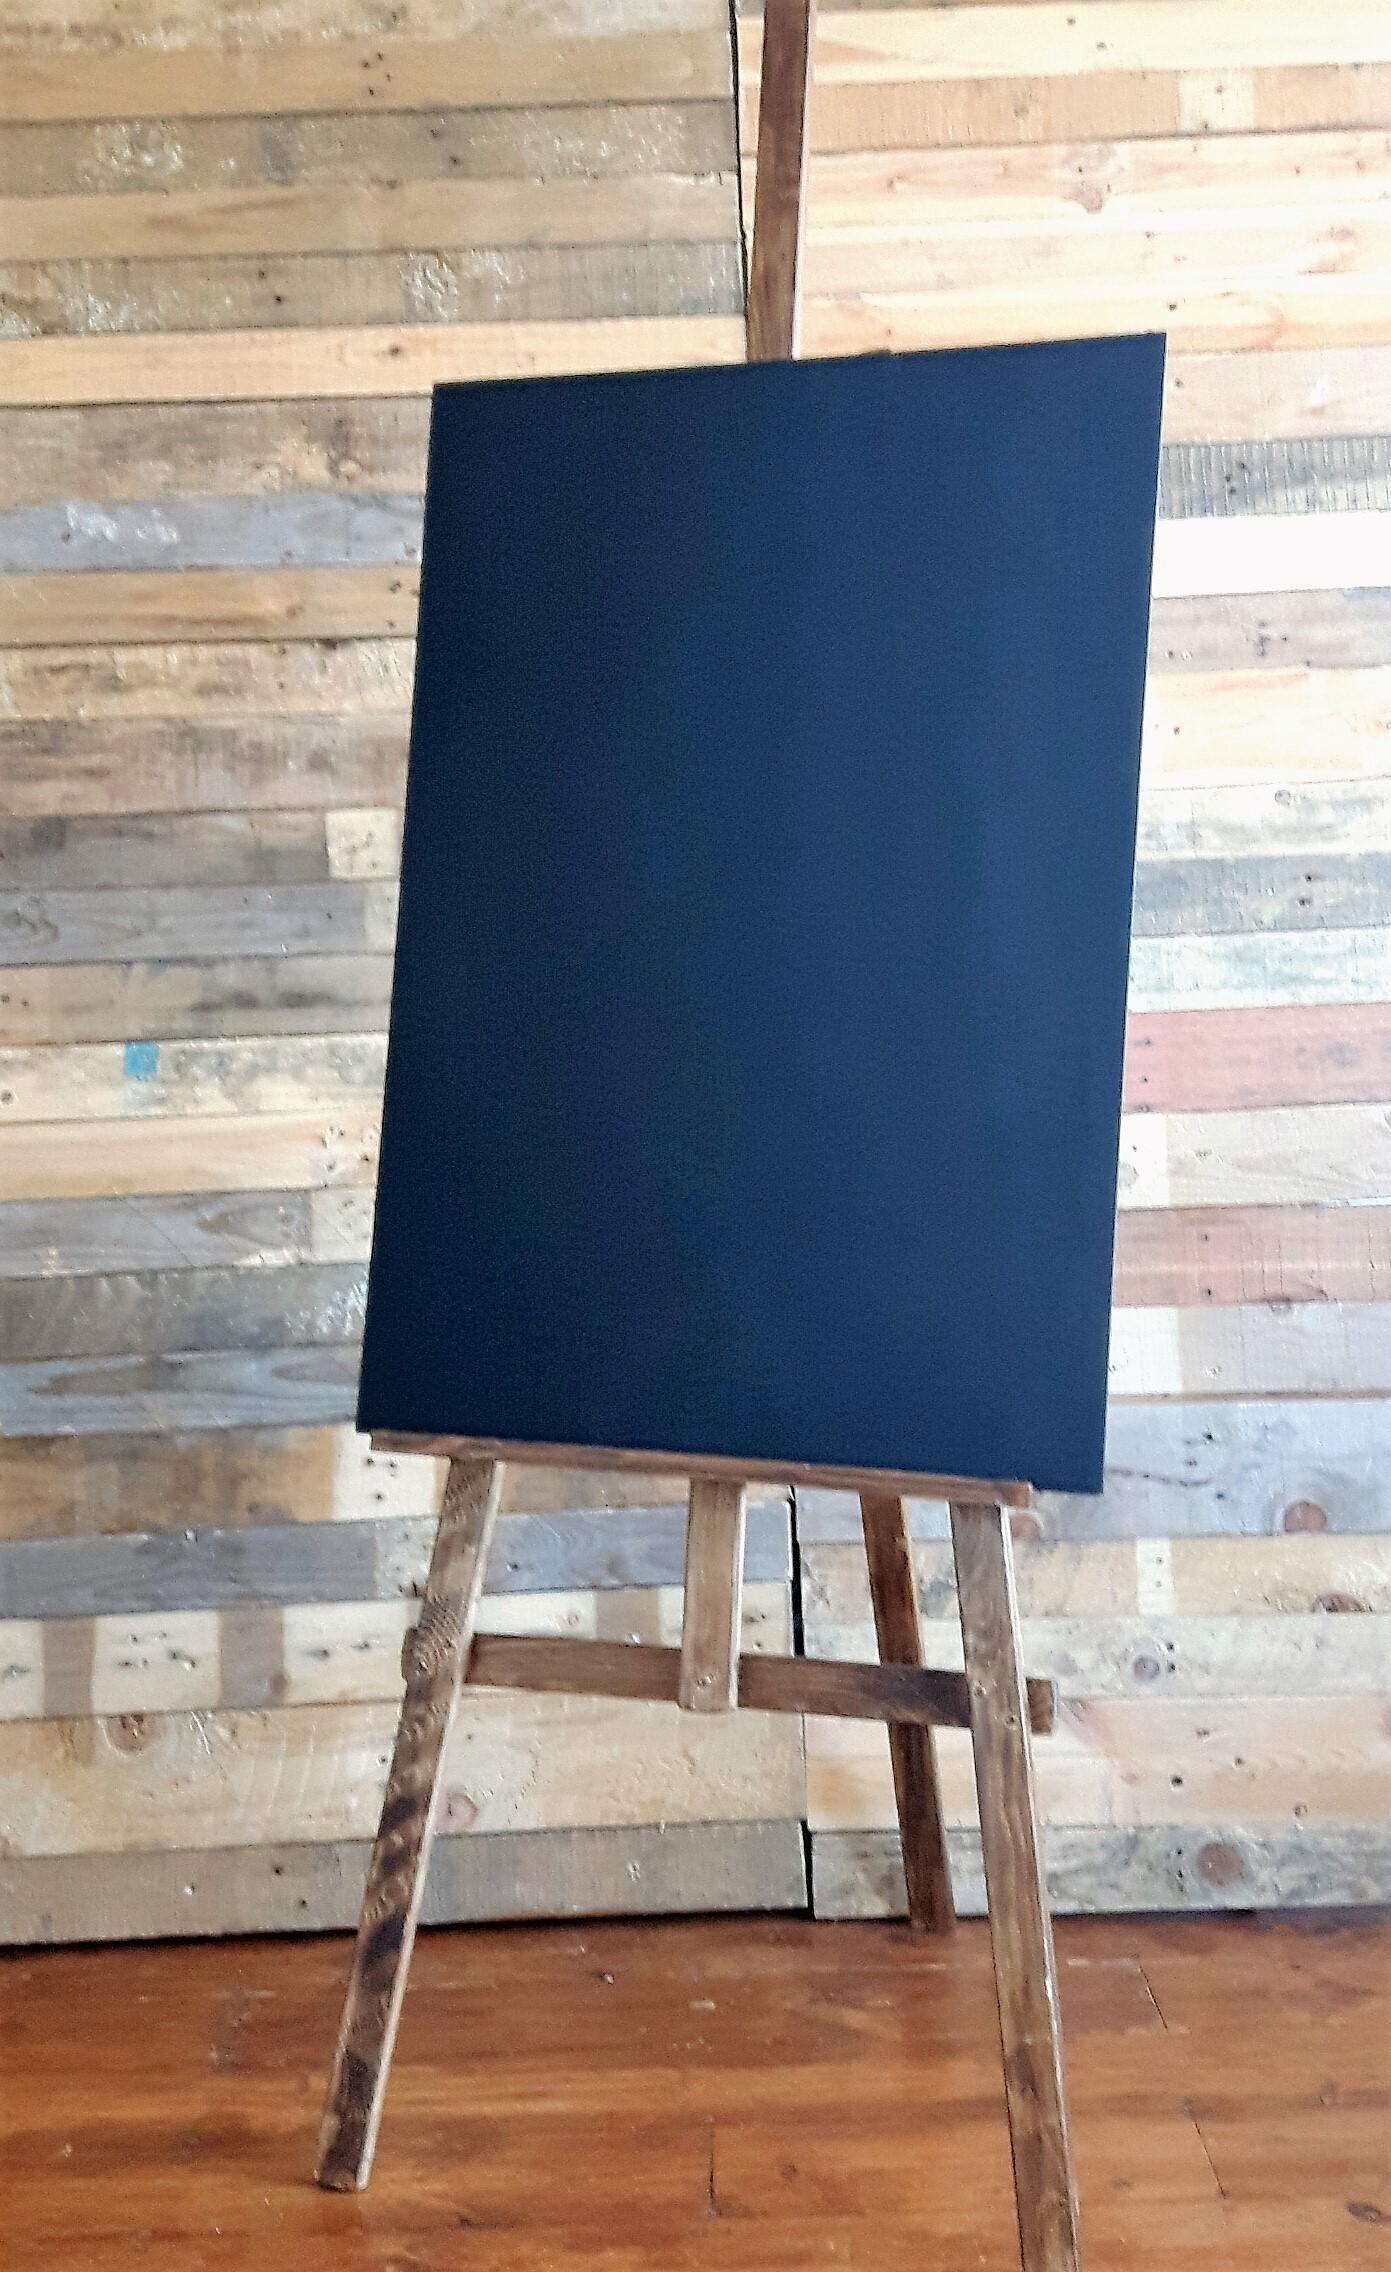 A1 blackboard and easel